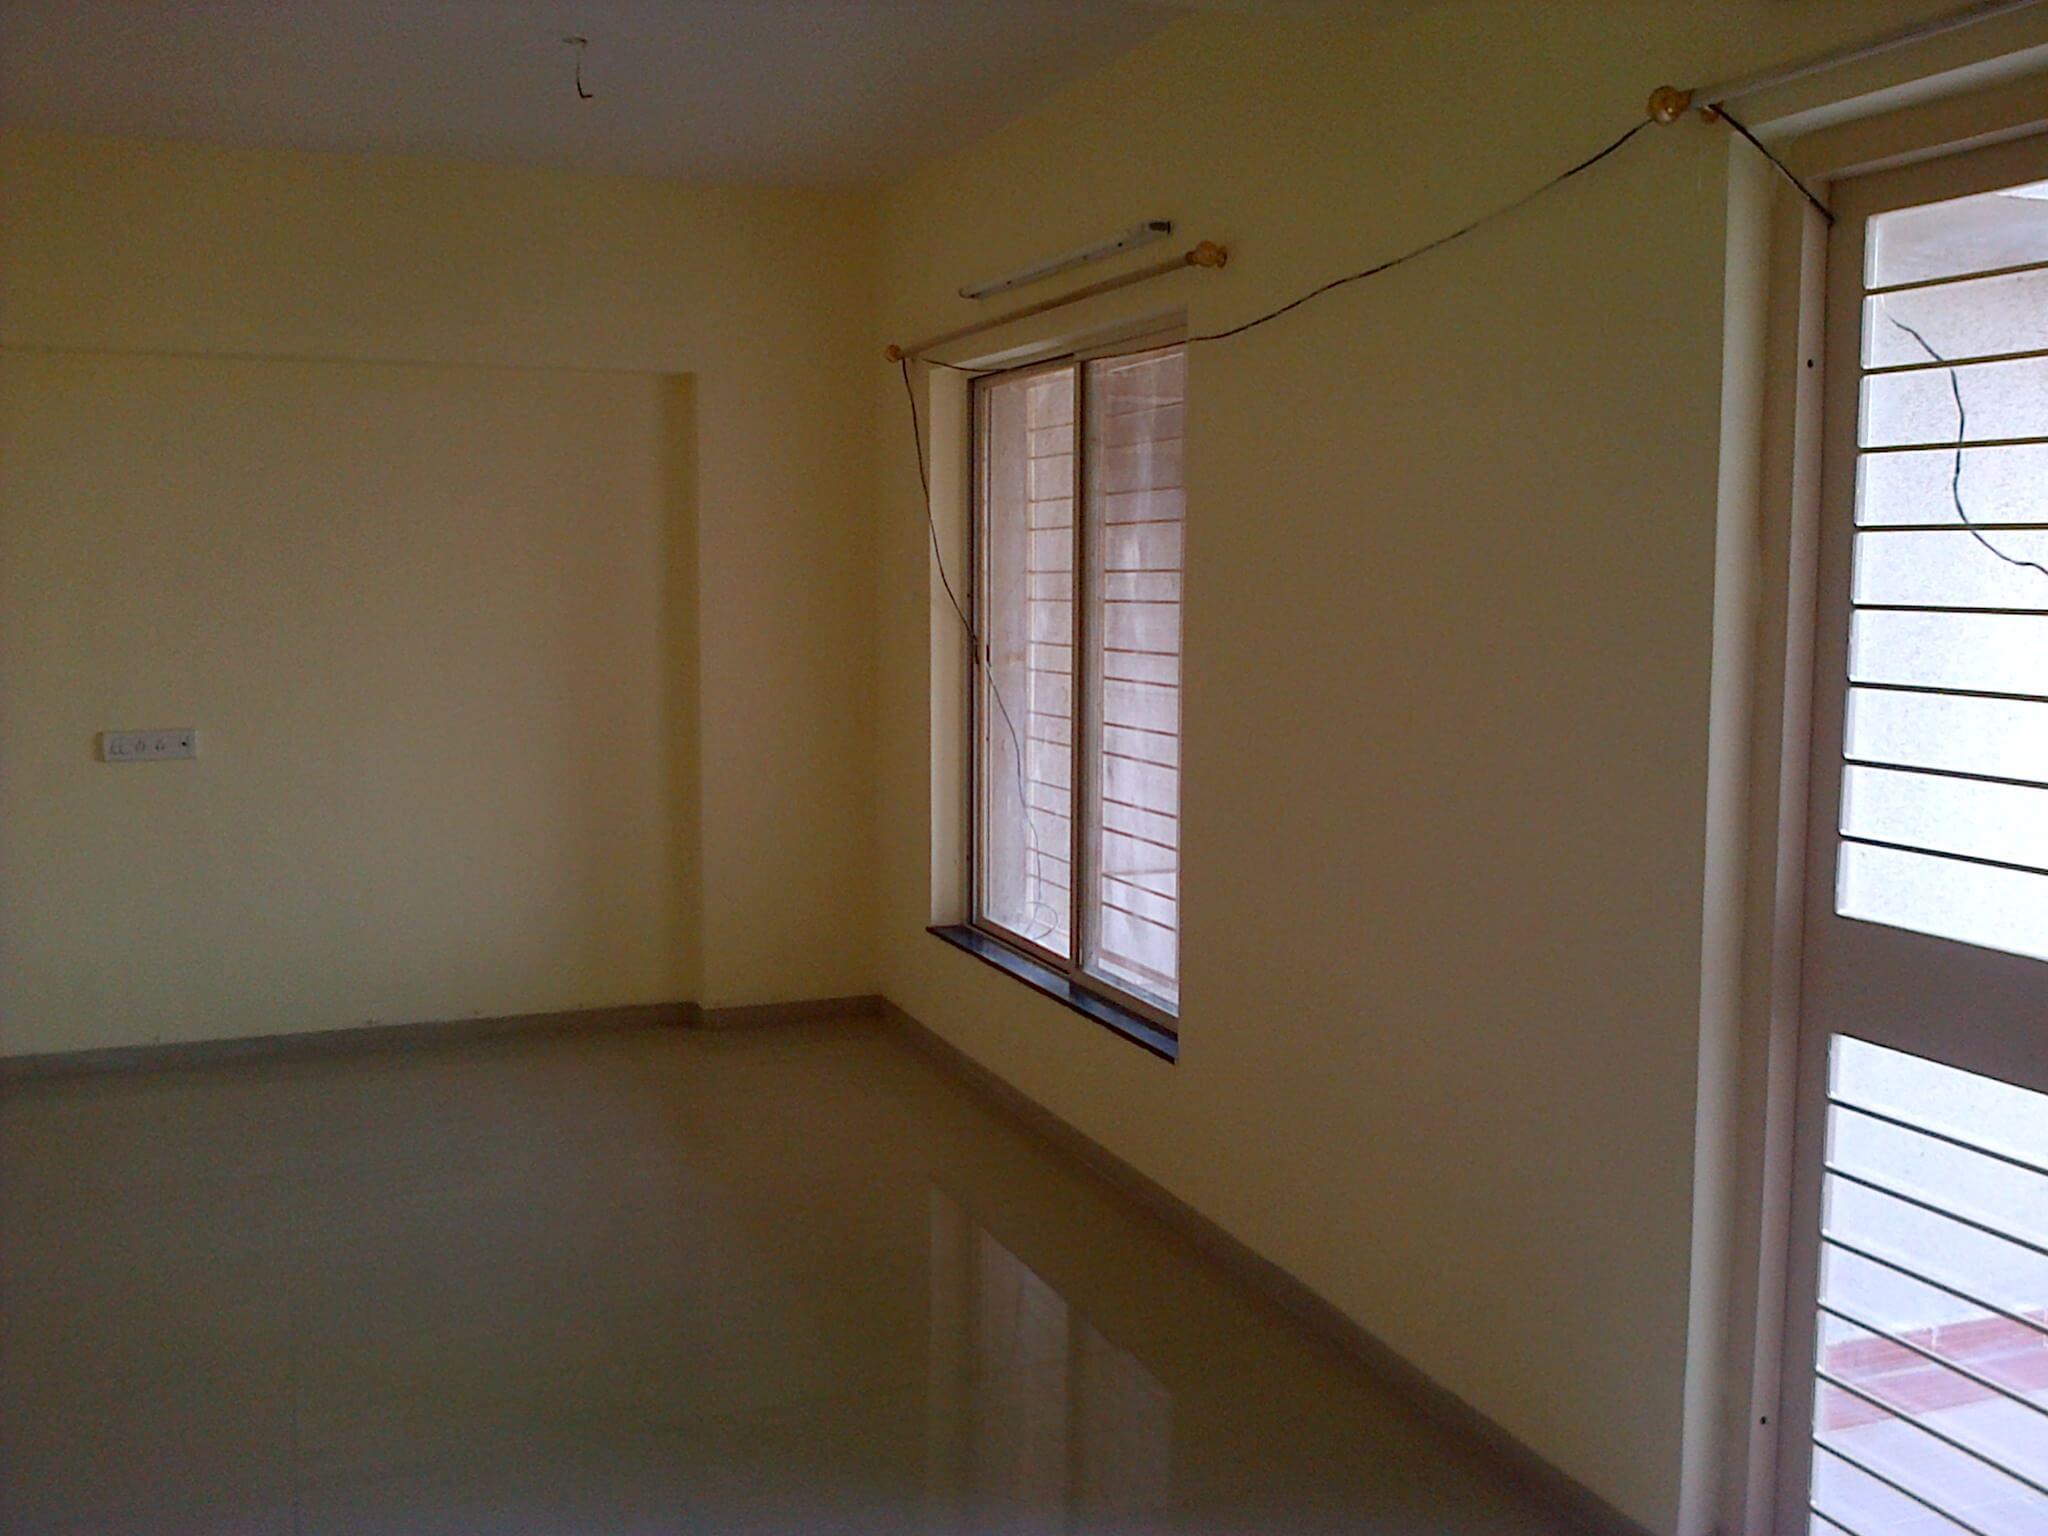 2 BHK Apartment / Flat for Rent 1095 Sq. Feet at Pune, Kalyani Nagar